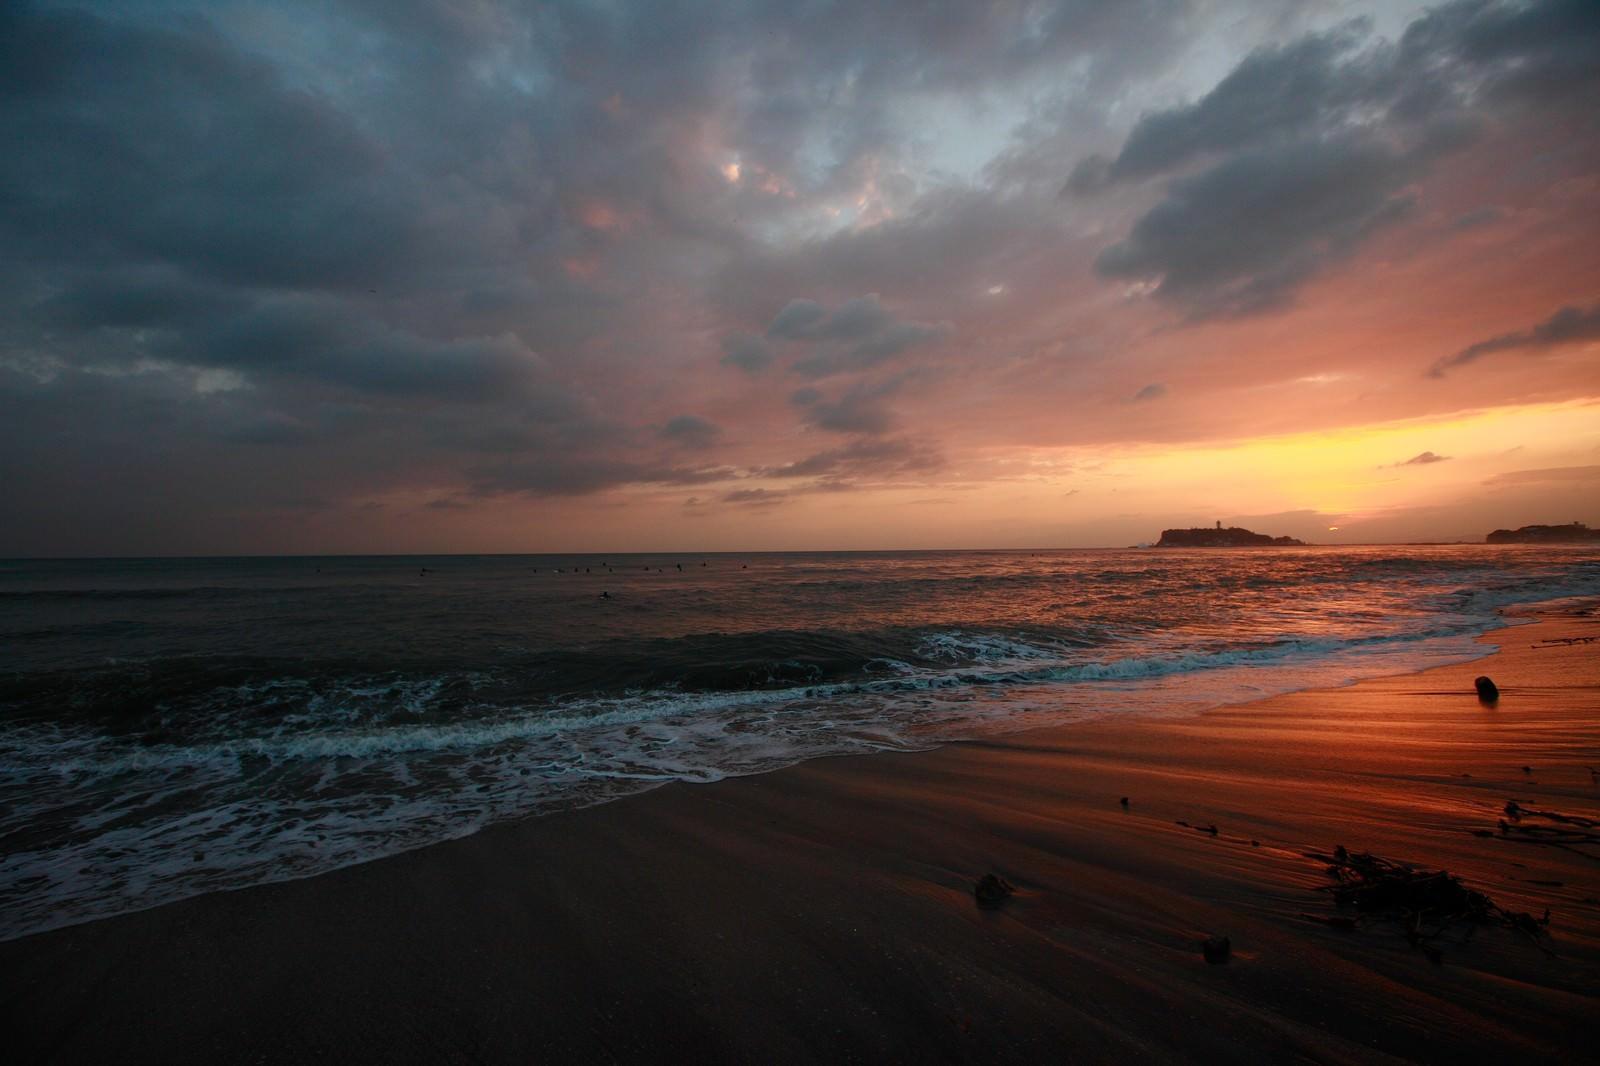 「世界が終わるかの様な怪しい夕焼けの江ノ島世界が終わるかの様な怪しい夕焼けの江ノ島」のフリー写真素材を拡大